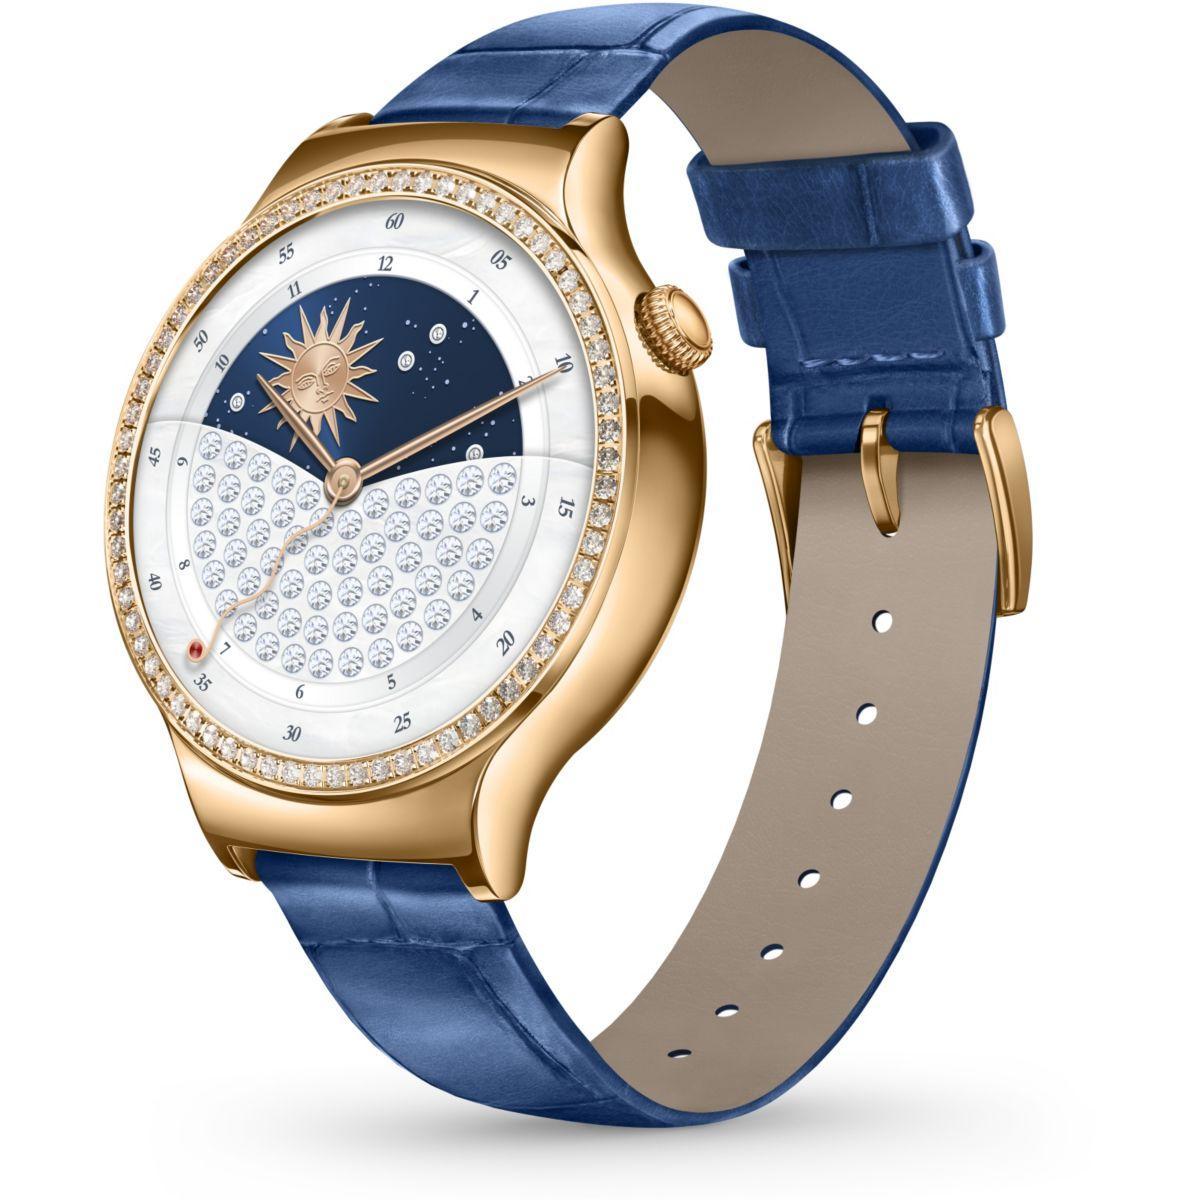 Montre connectée huawei watch jewel bleu - 5% de remise immédiate avec le code : cool5 (photo)